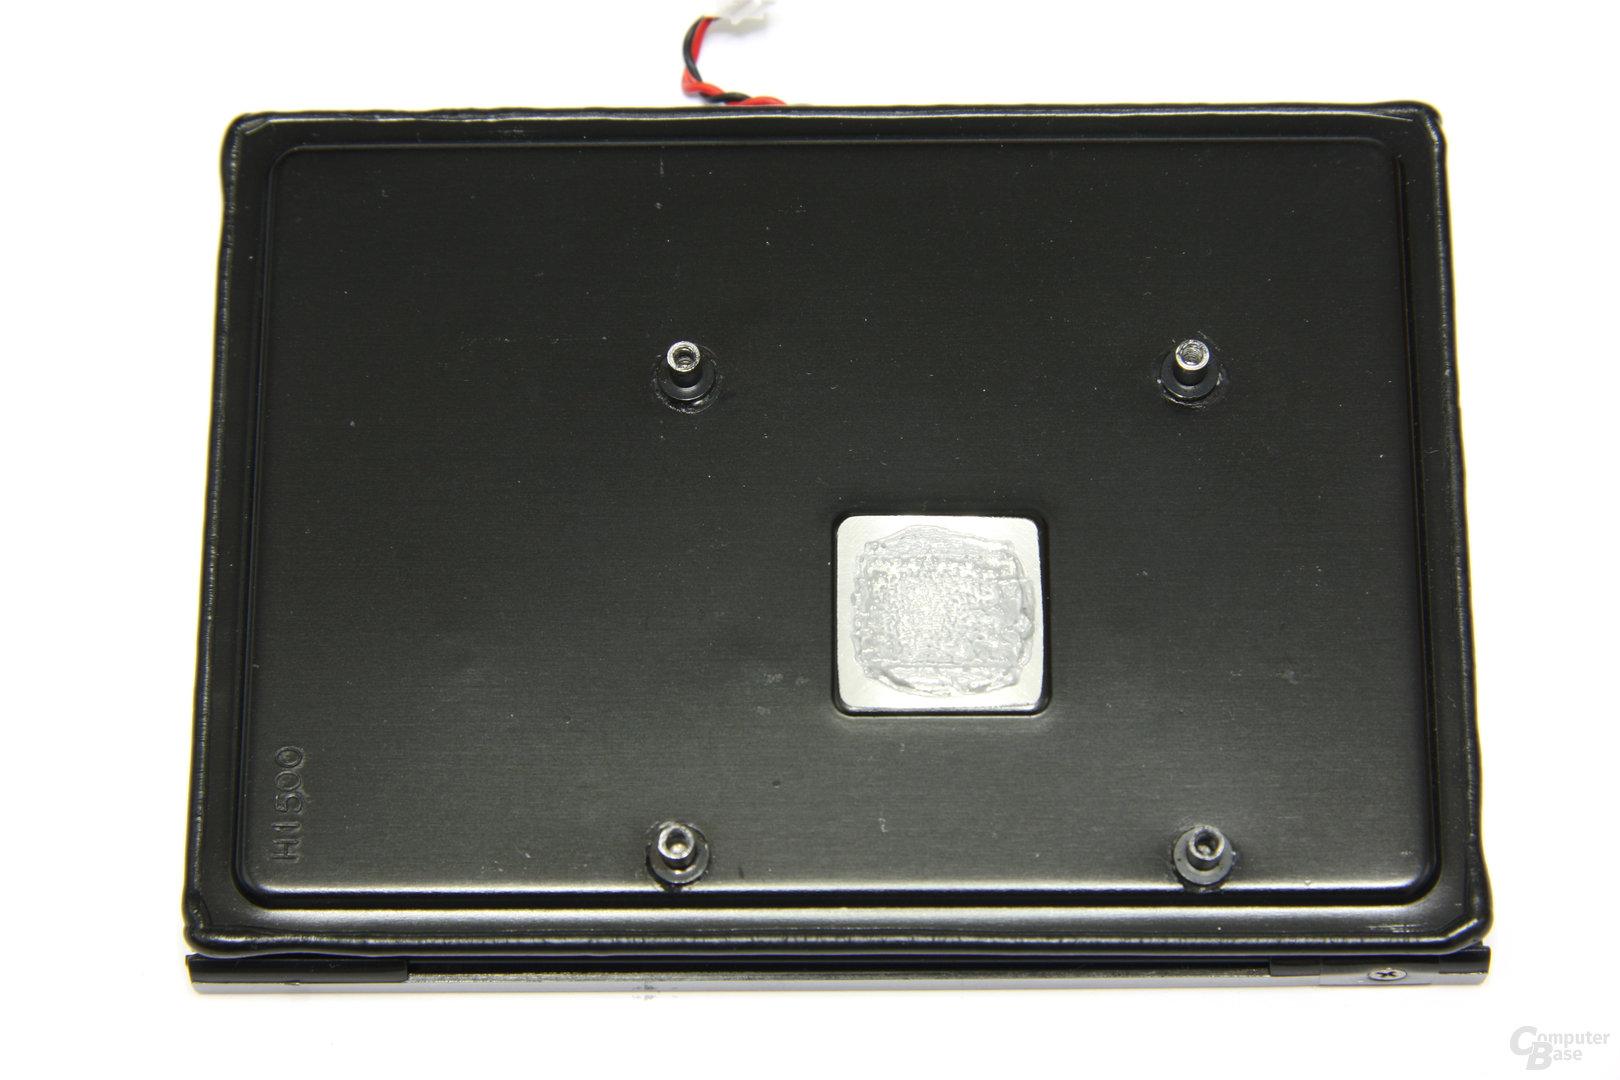 Radeon HD 7750 Kühlerrückseite